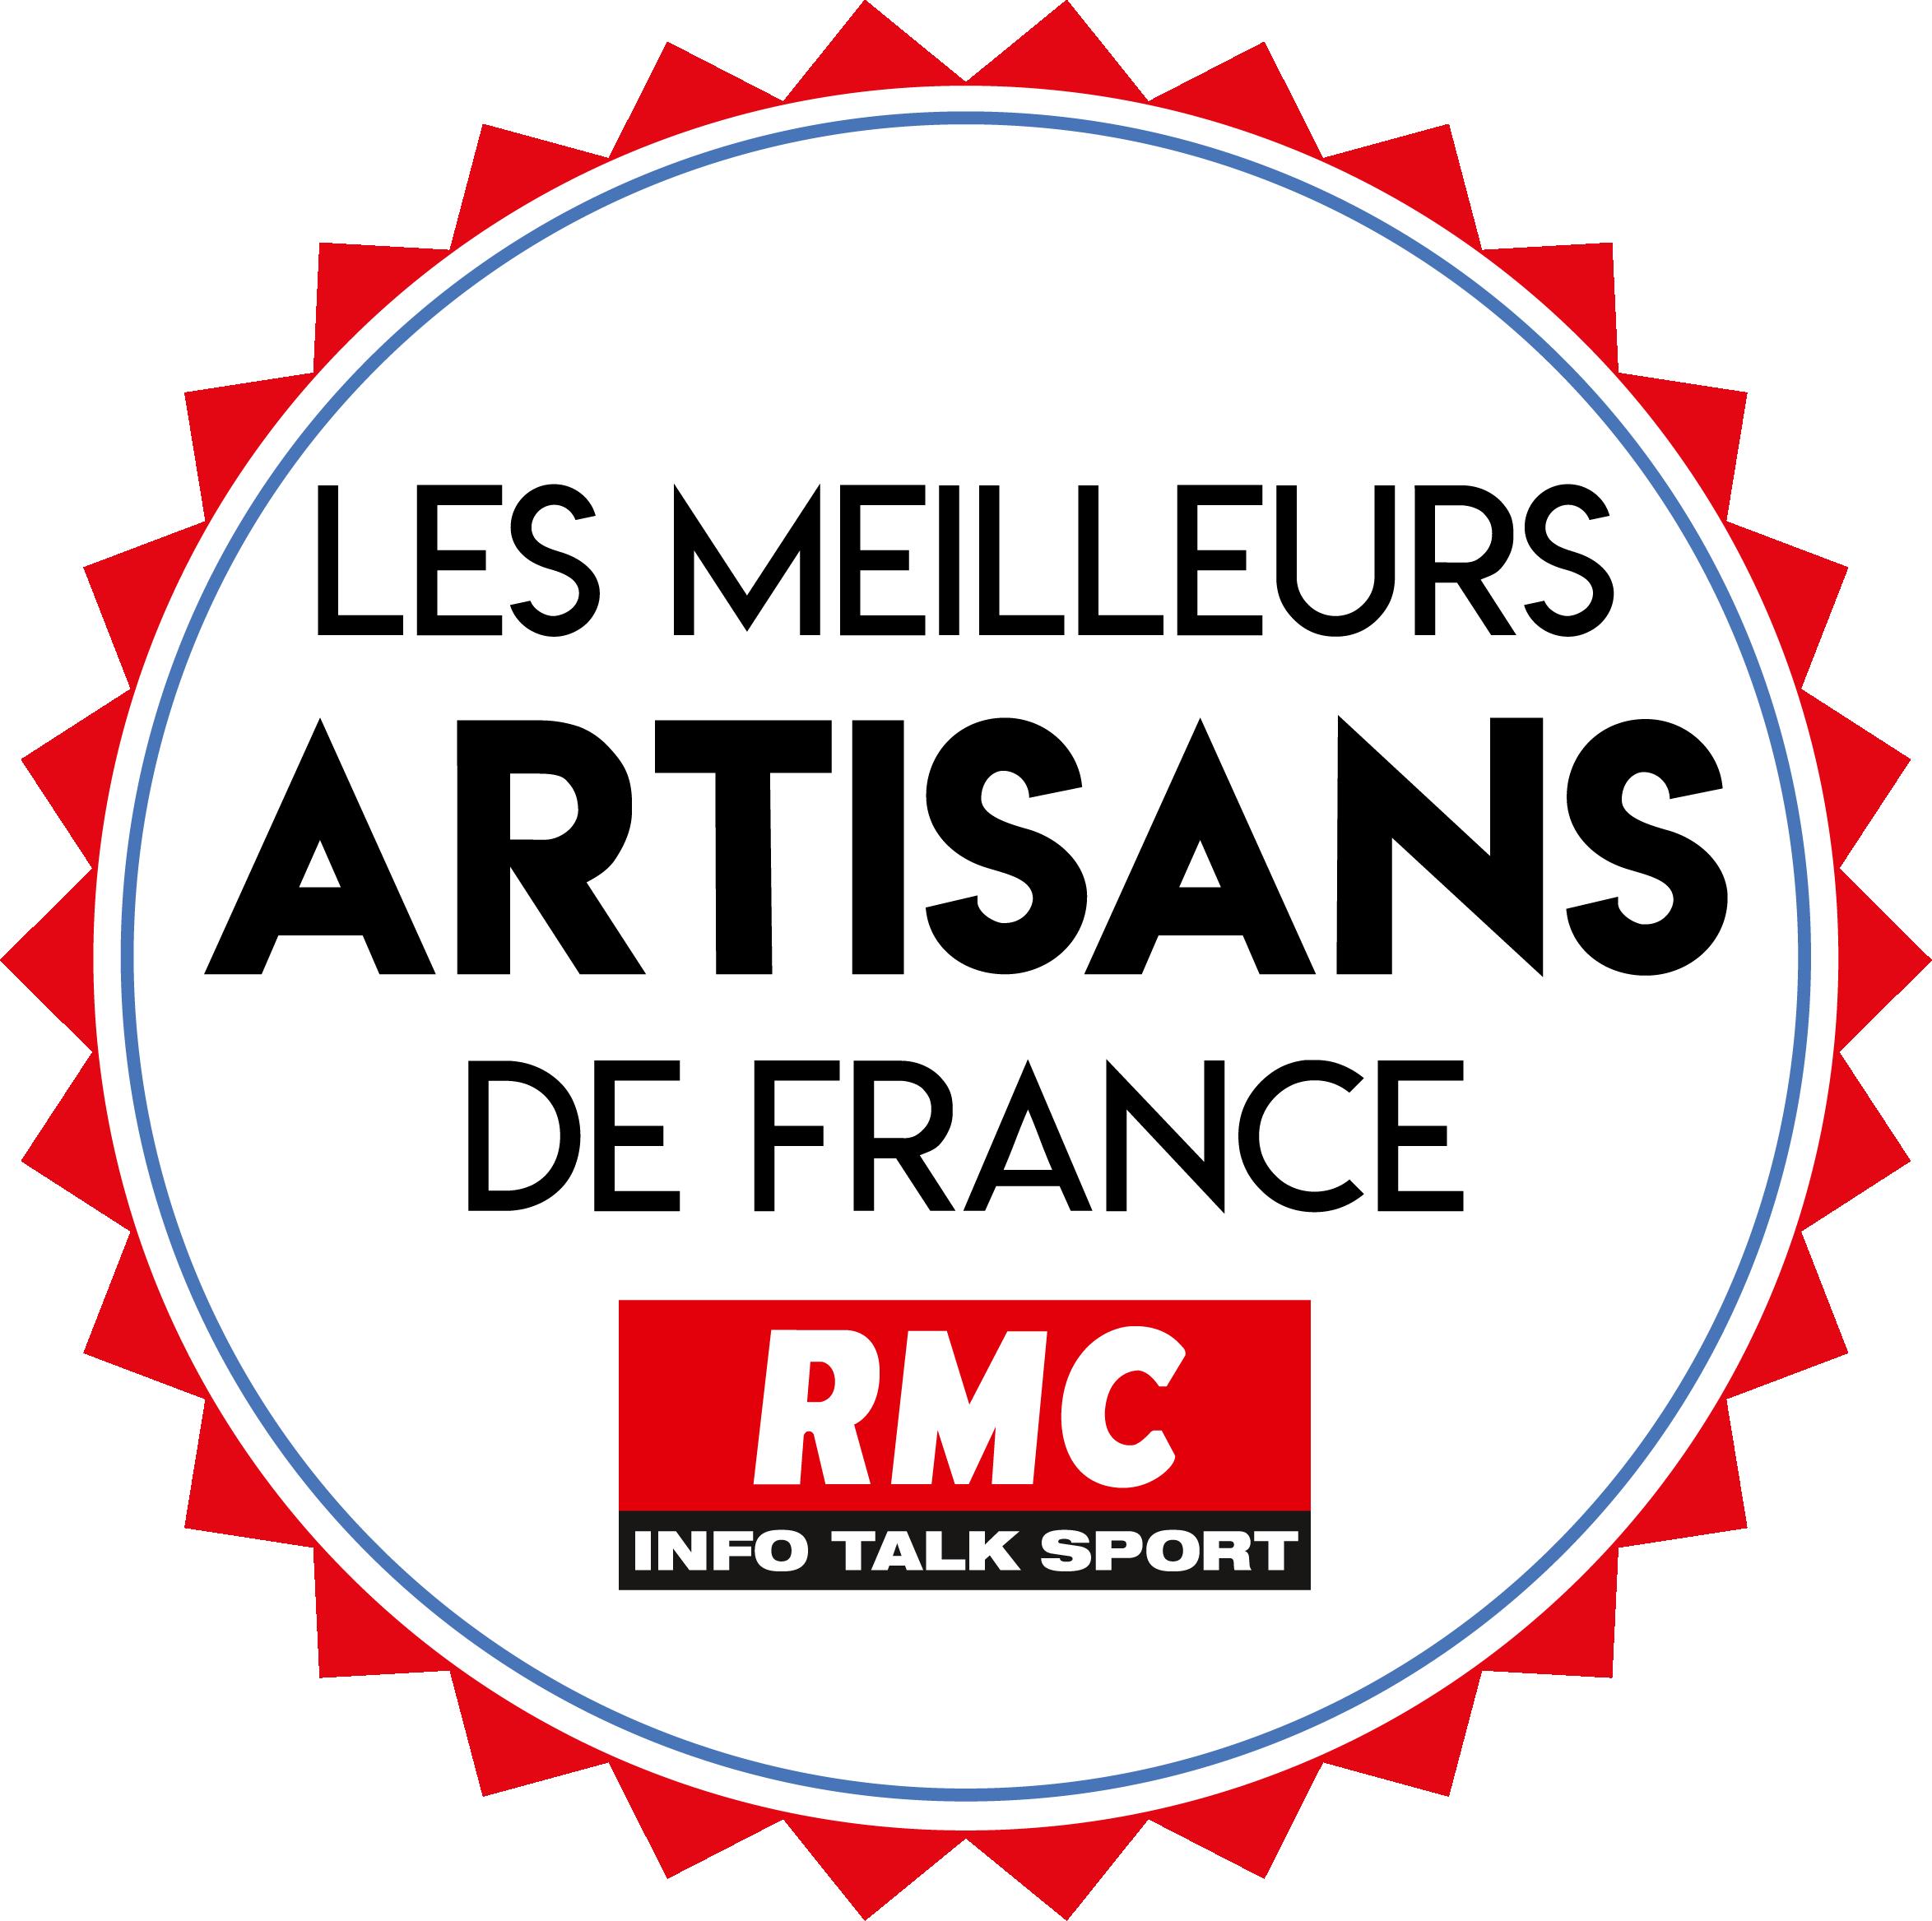 RMC Les Meilleurs Artisans de France